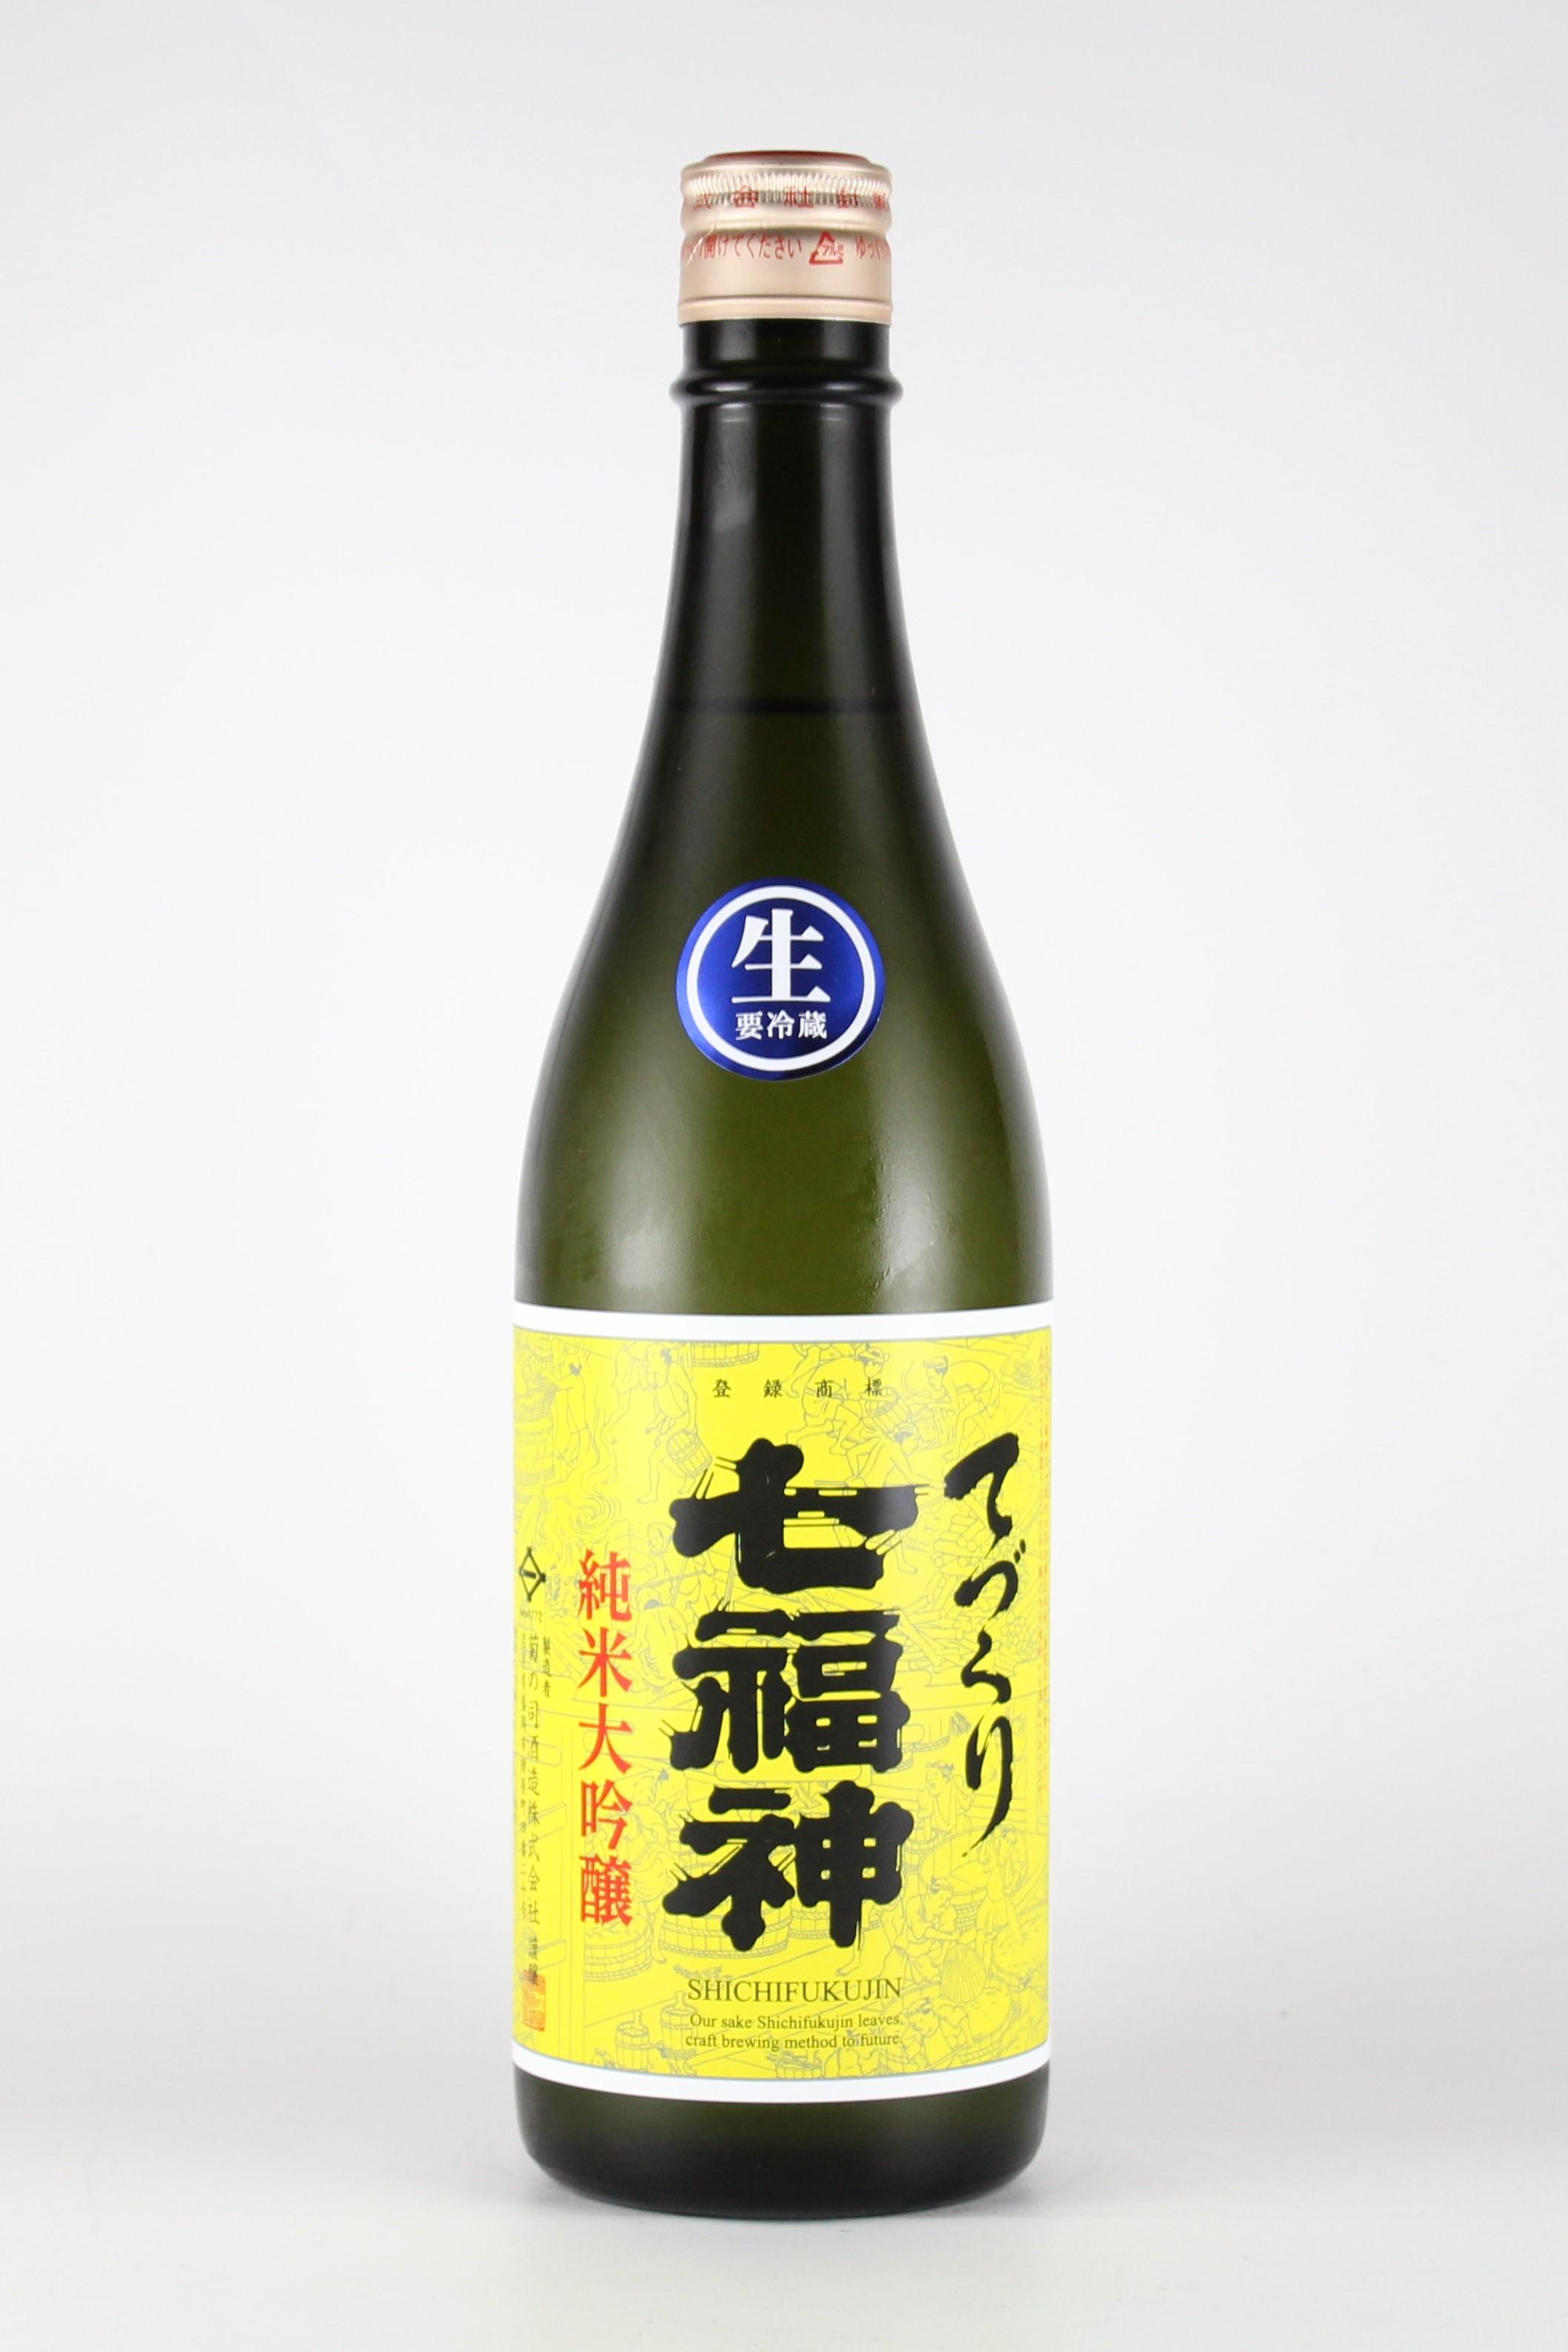 七福神 てづくり純米大吟醸生原酒 720ml 【岩手/菊の司酒造】